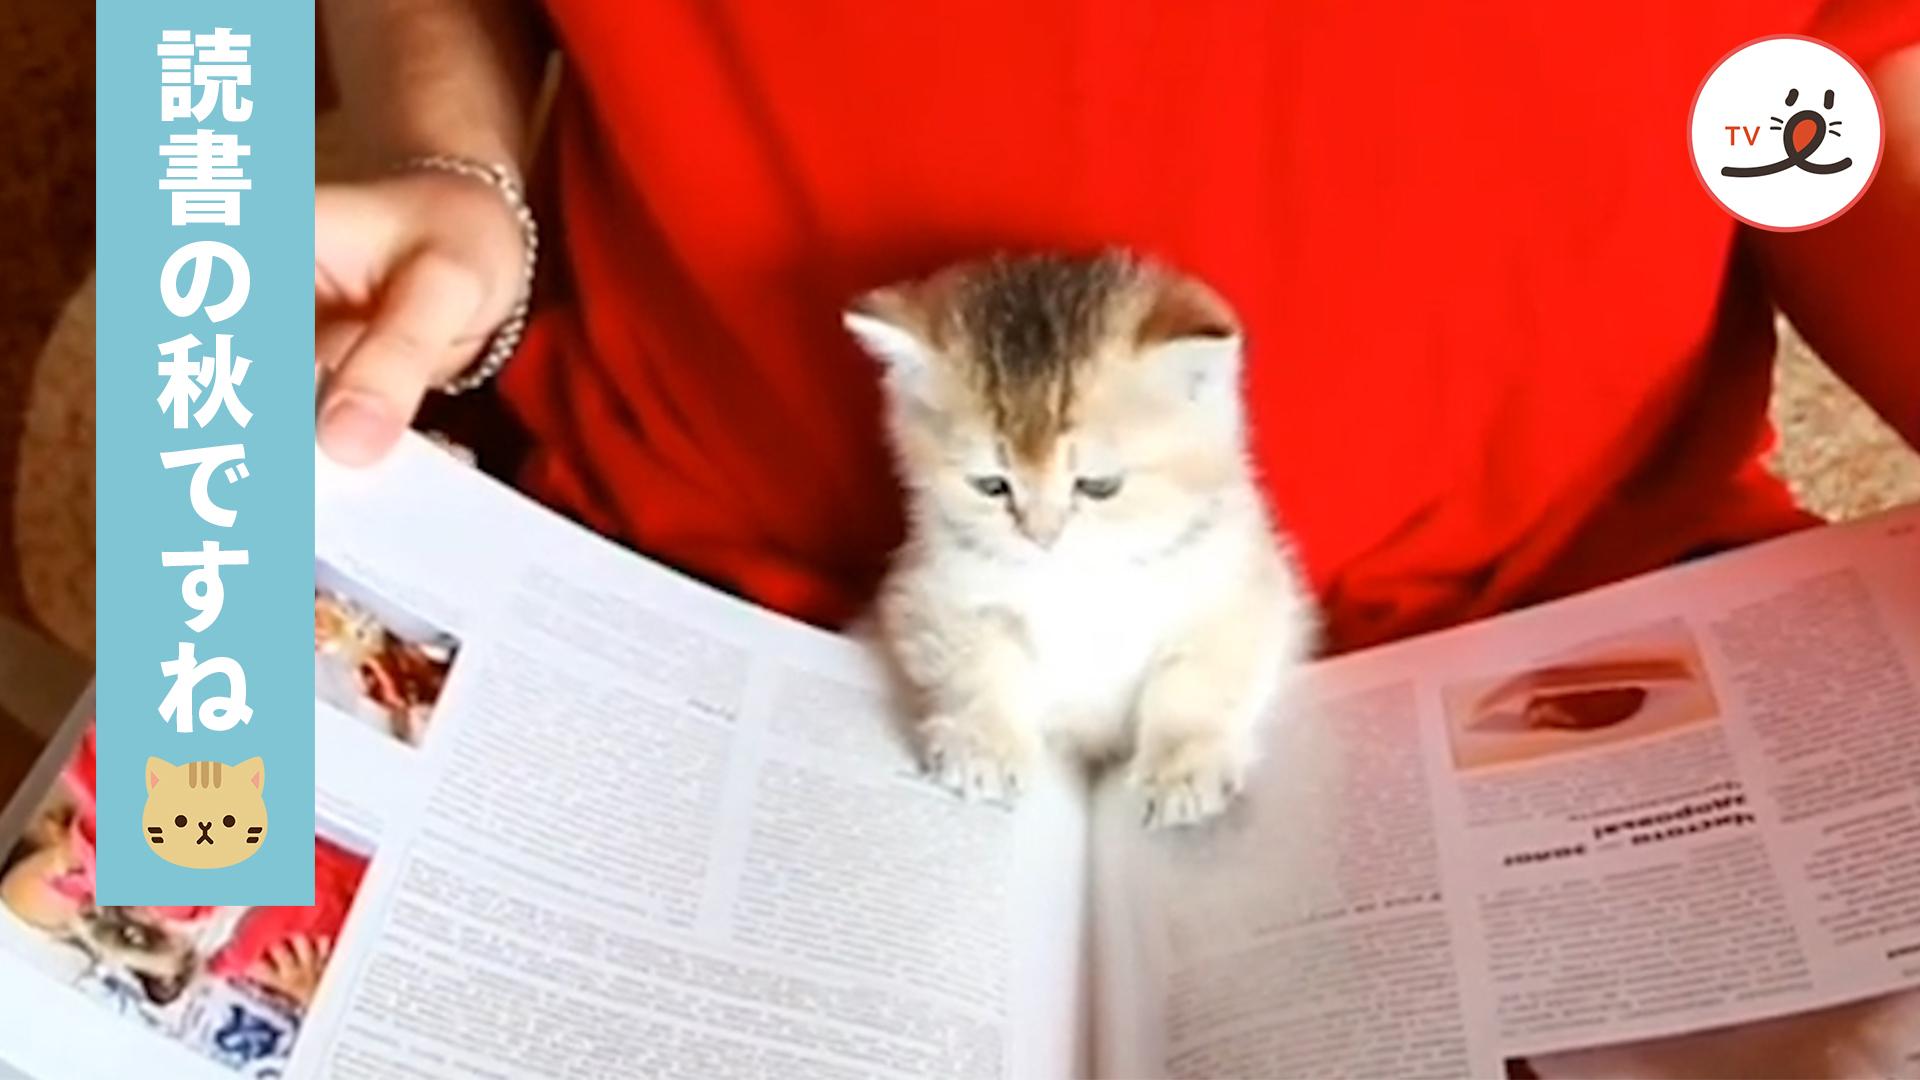 「読書の秋🍁 」人間になるため!? 読書に夢中の子ネコ😾💕